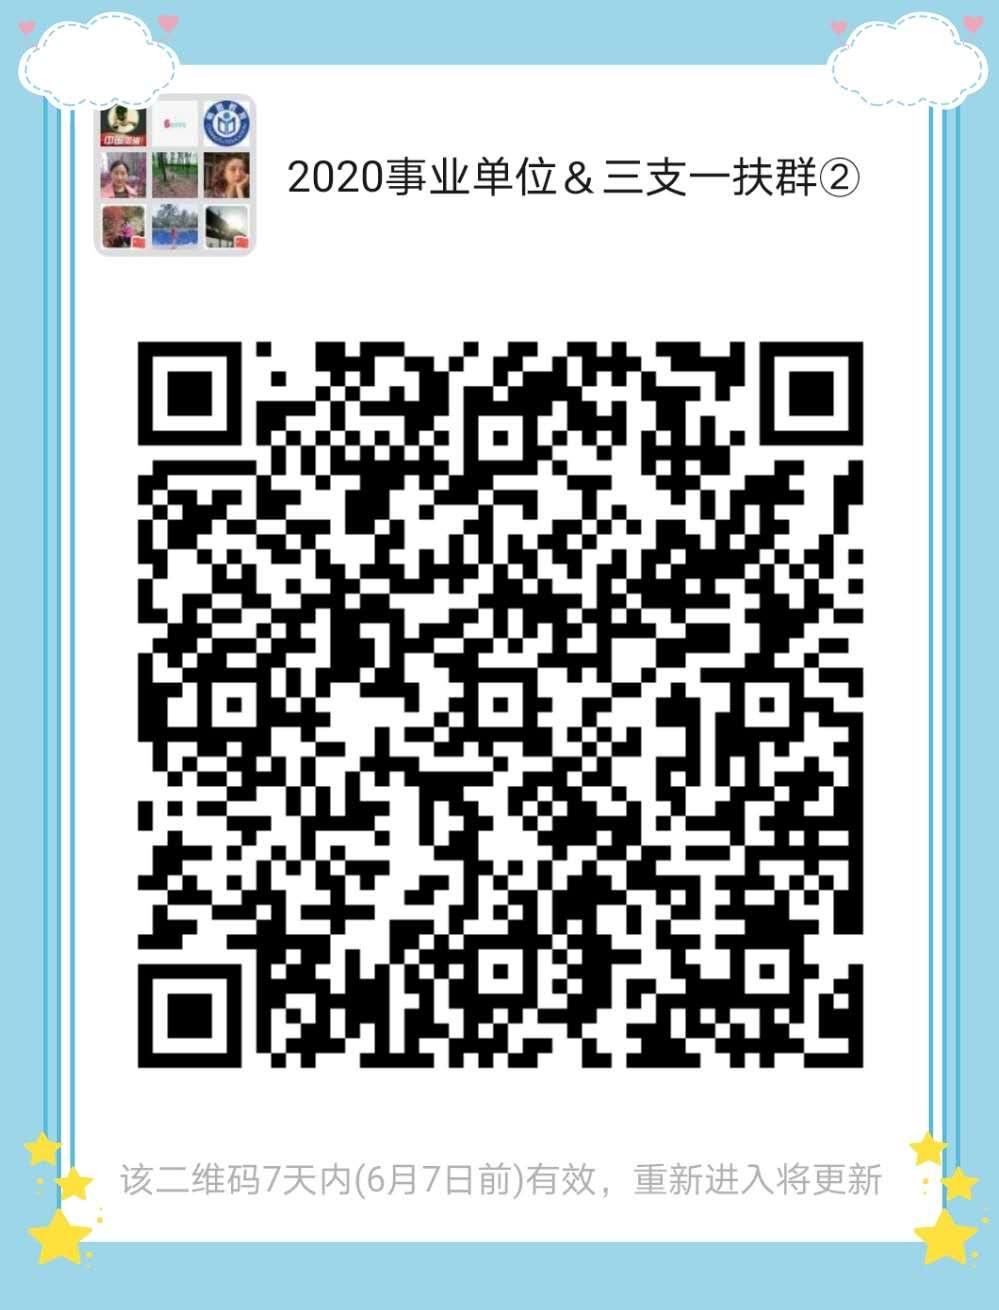 微信图片_20200531220157.jpg